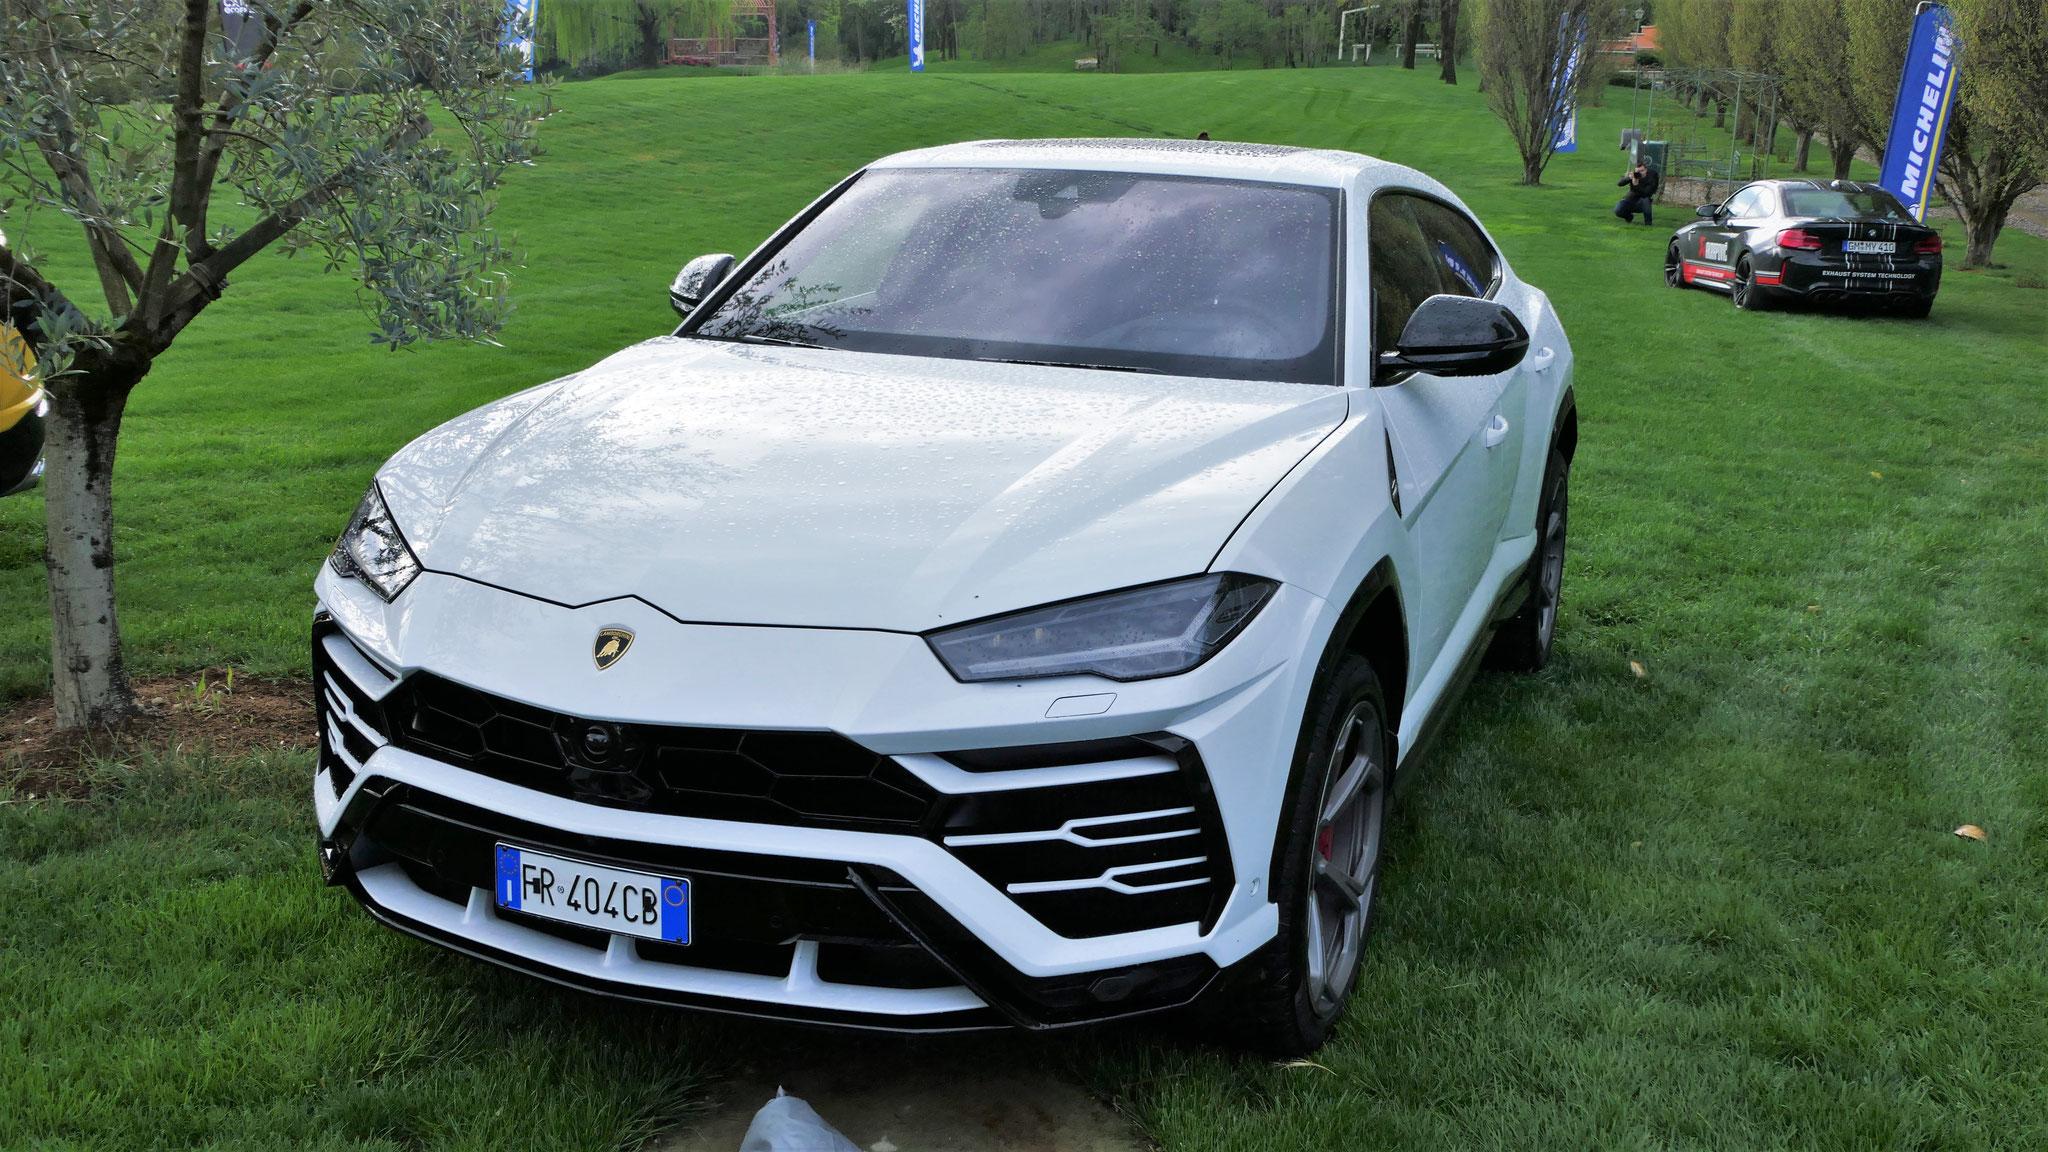 Lamborghini Urus -FR-404-CB (ITA)